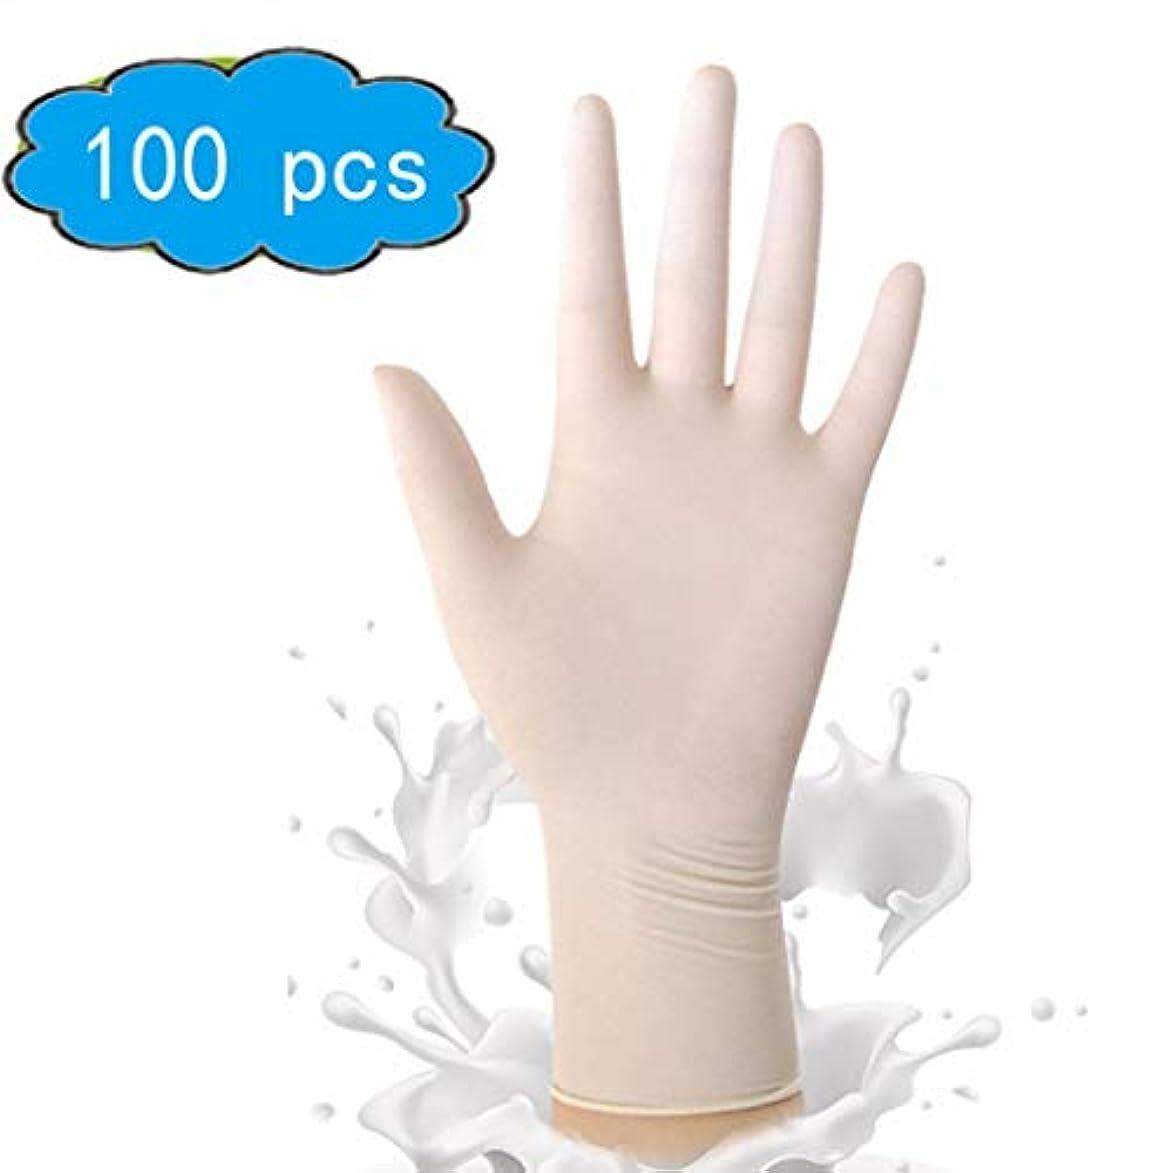 違法副福祉使い捨てラテックス手袋-医療用グレード、パウダーフリー、ラテックスゴムフリー、使い捨て、非滅菌、食品安全、テクスチャー、白色、厚く、100個入り、サイズ大、衛生手袋 (Color : White, Size : S)